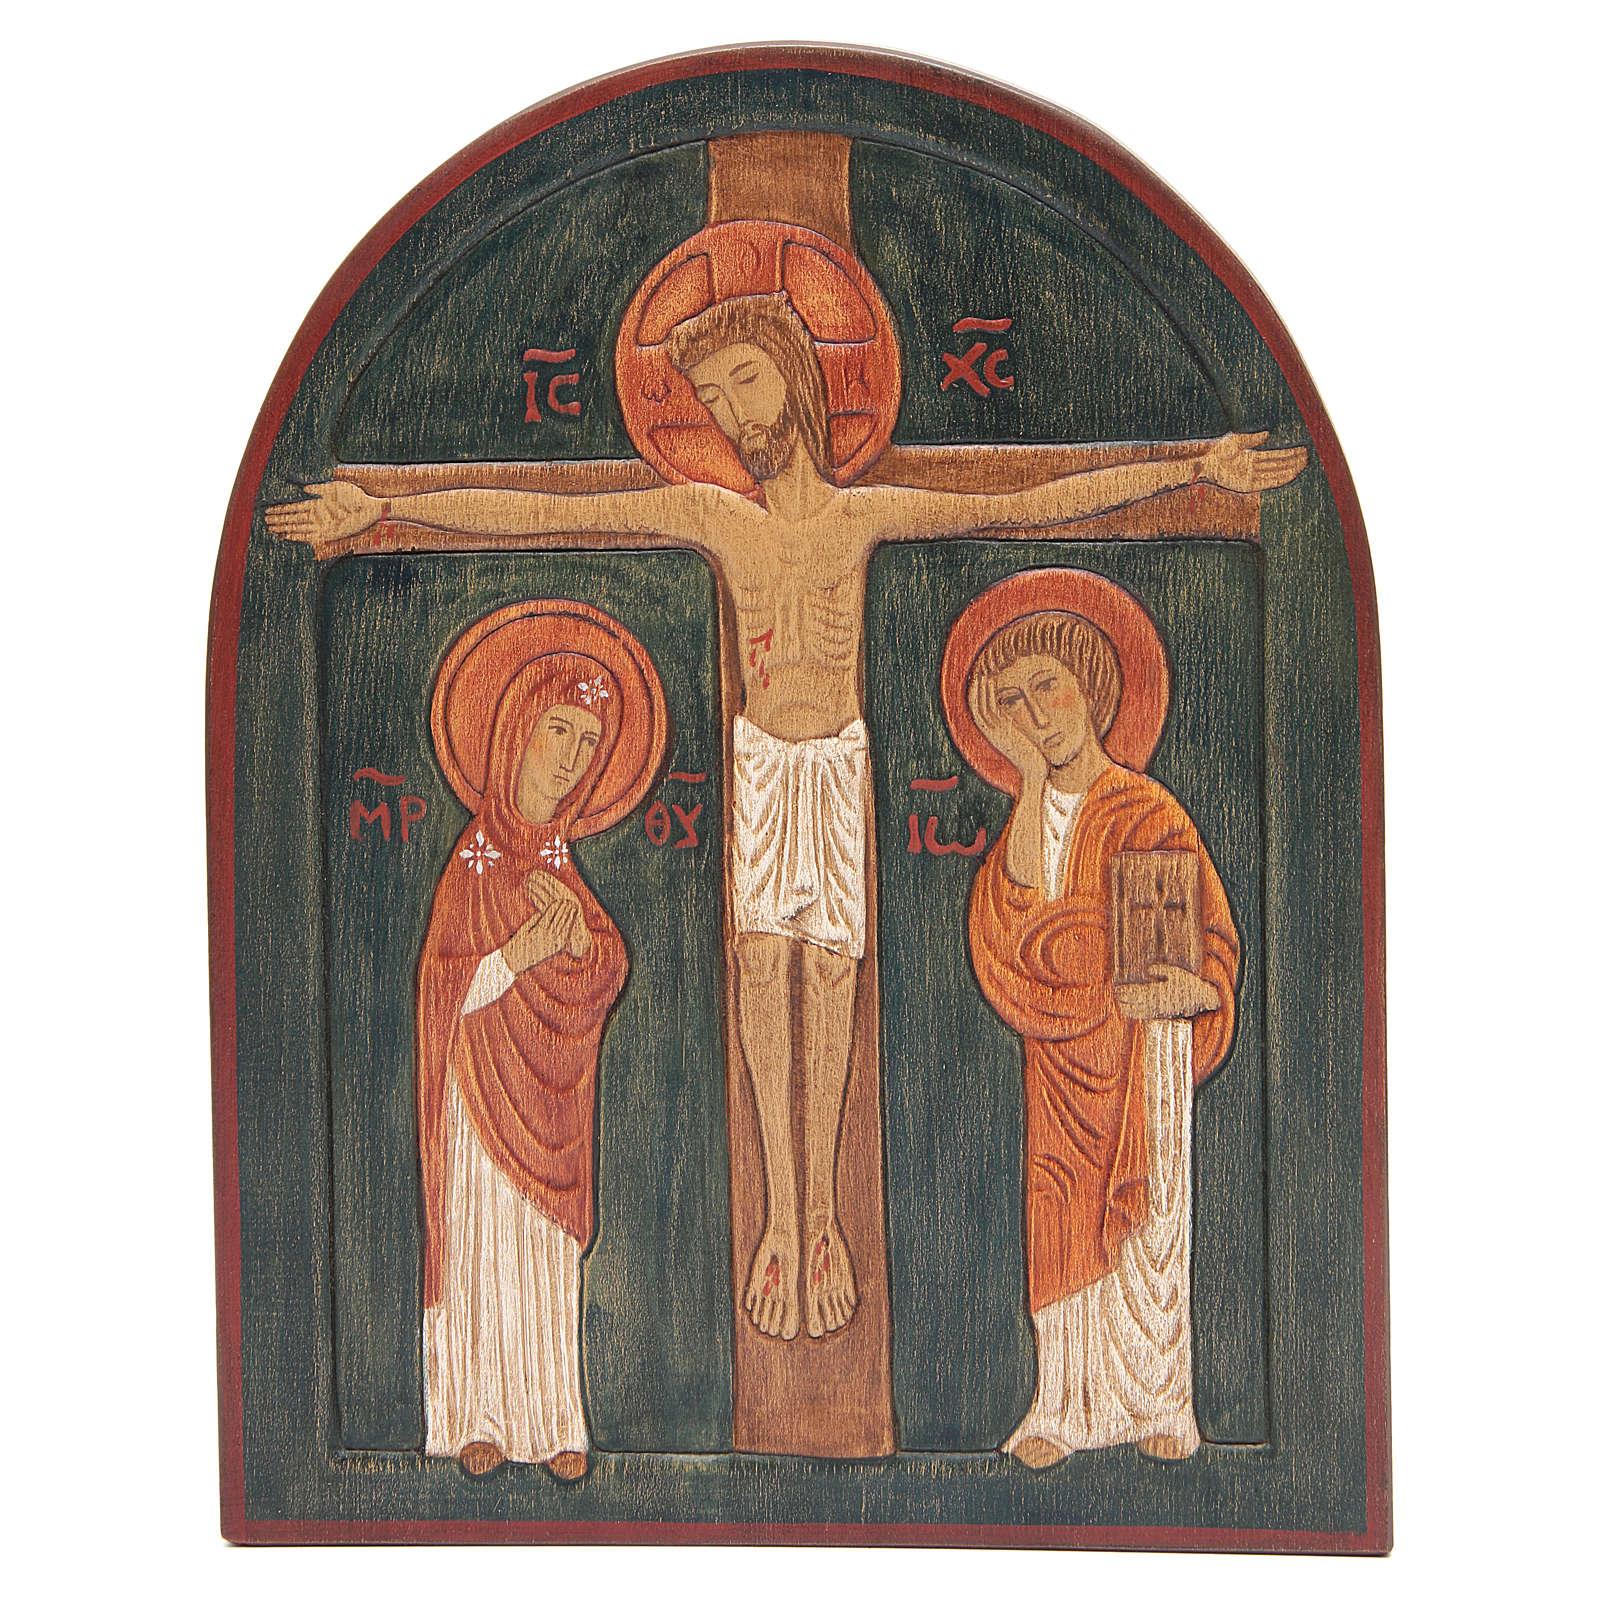 Bas-relief de la crucifixion du Christ, décoré 4